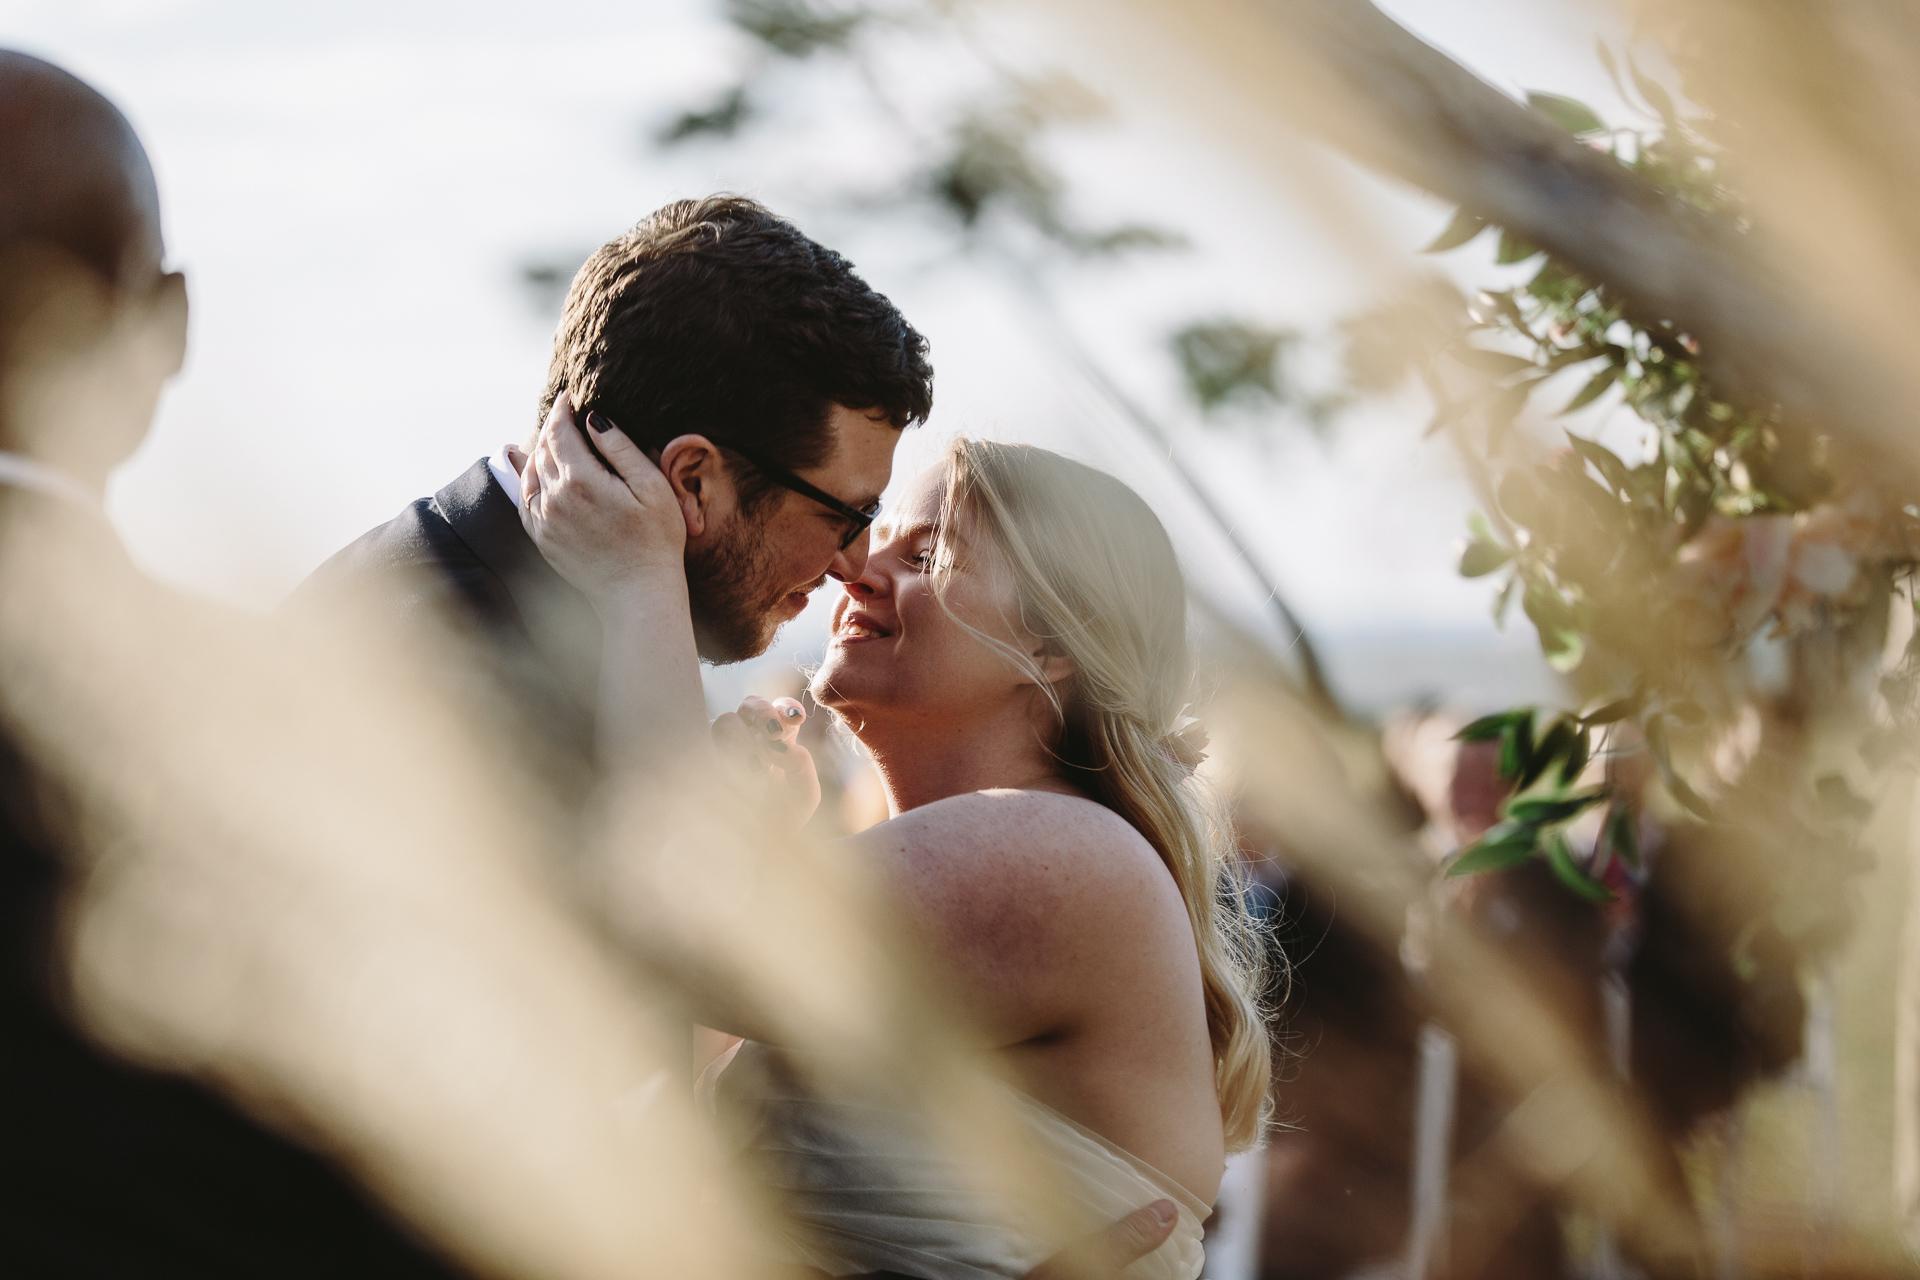 jess-hunter-tilghman-island-wedding-photographer-7682.jpg